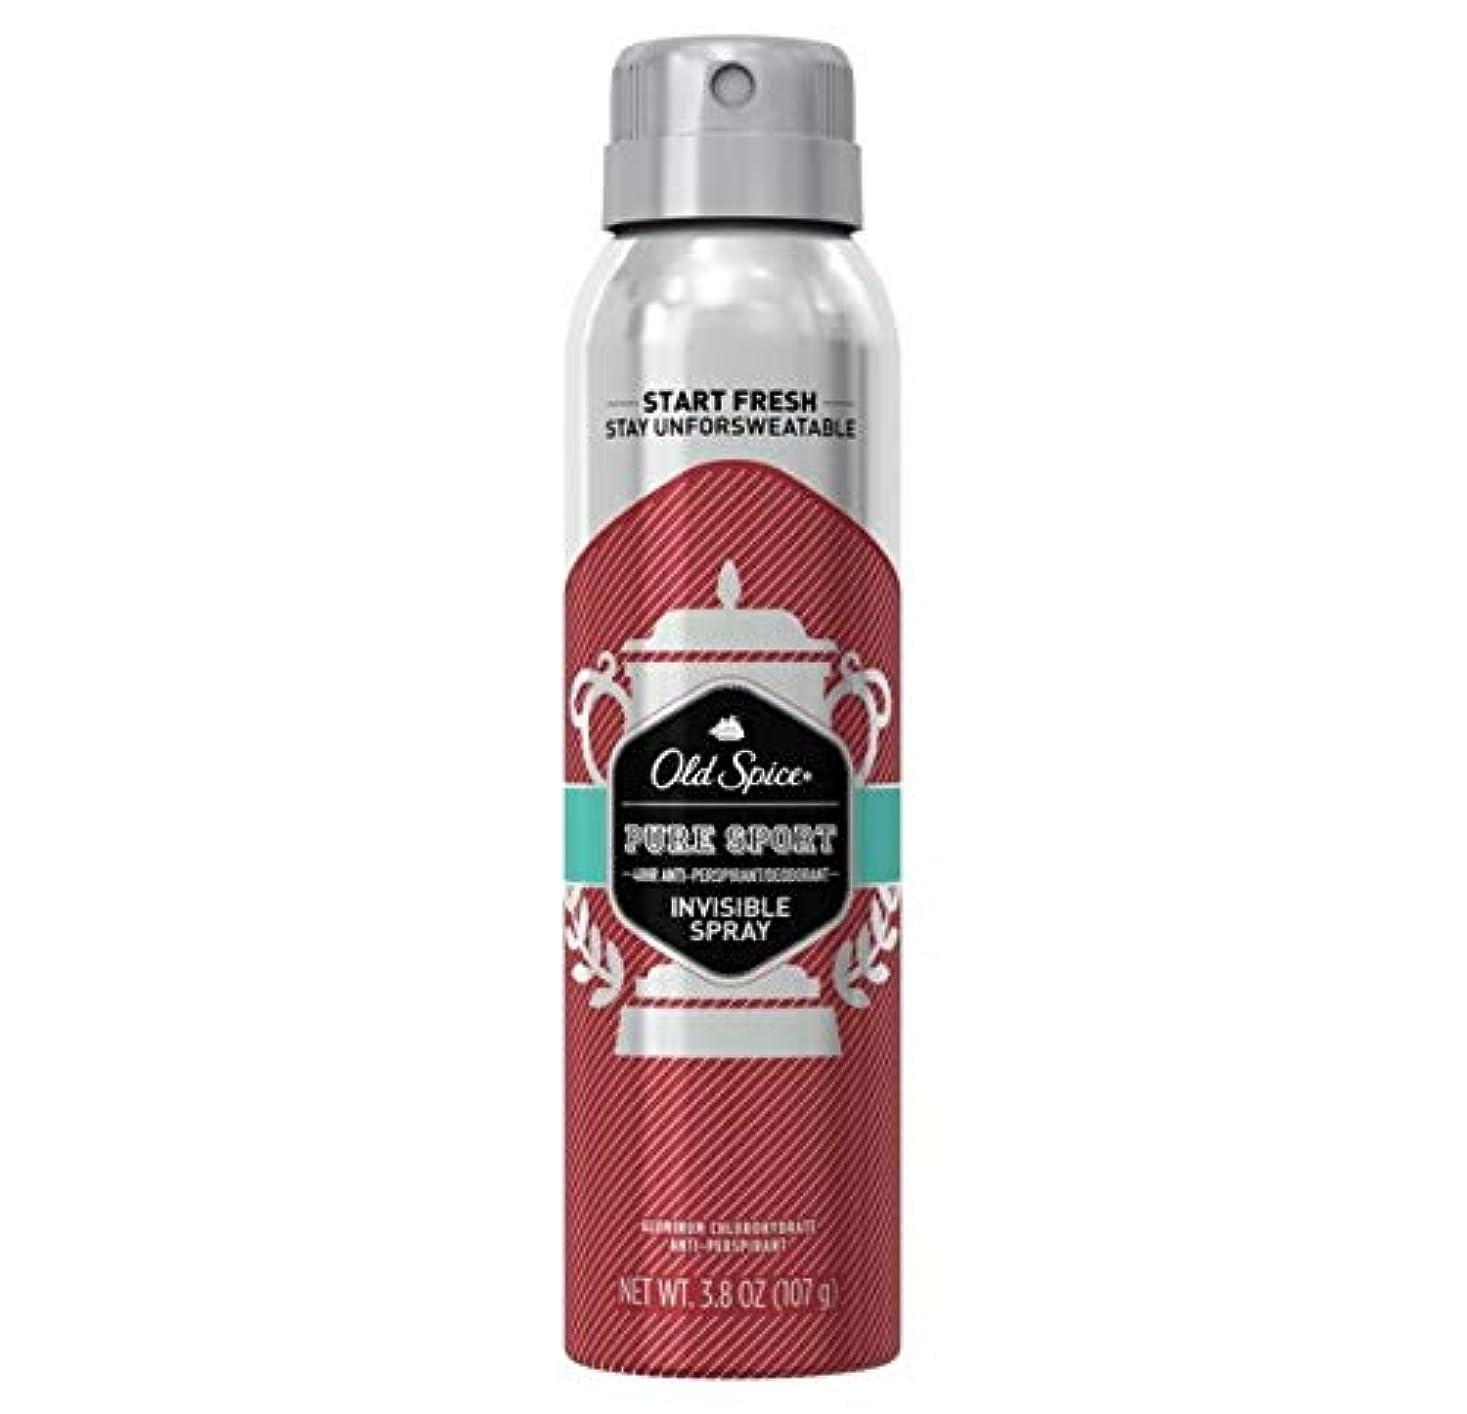 テレックス願うスナックOld Spice Pure Sport Invisible Spray Antiperspirant and Deodorant - 3.8oz オールドスパイス インビジブルスプレー ピュアスポーツ 107g [並行輸入品]